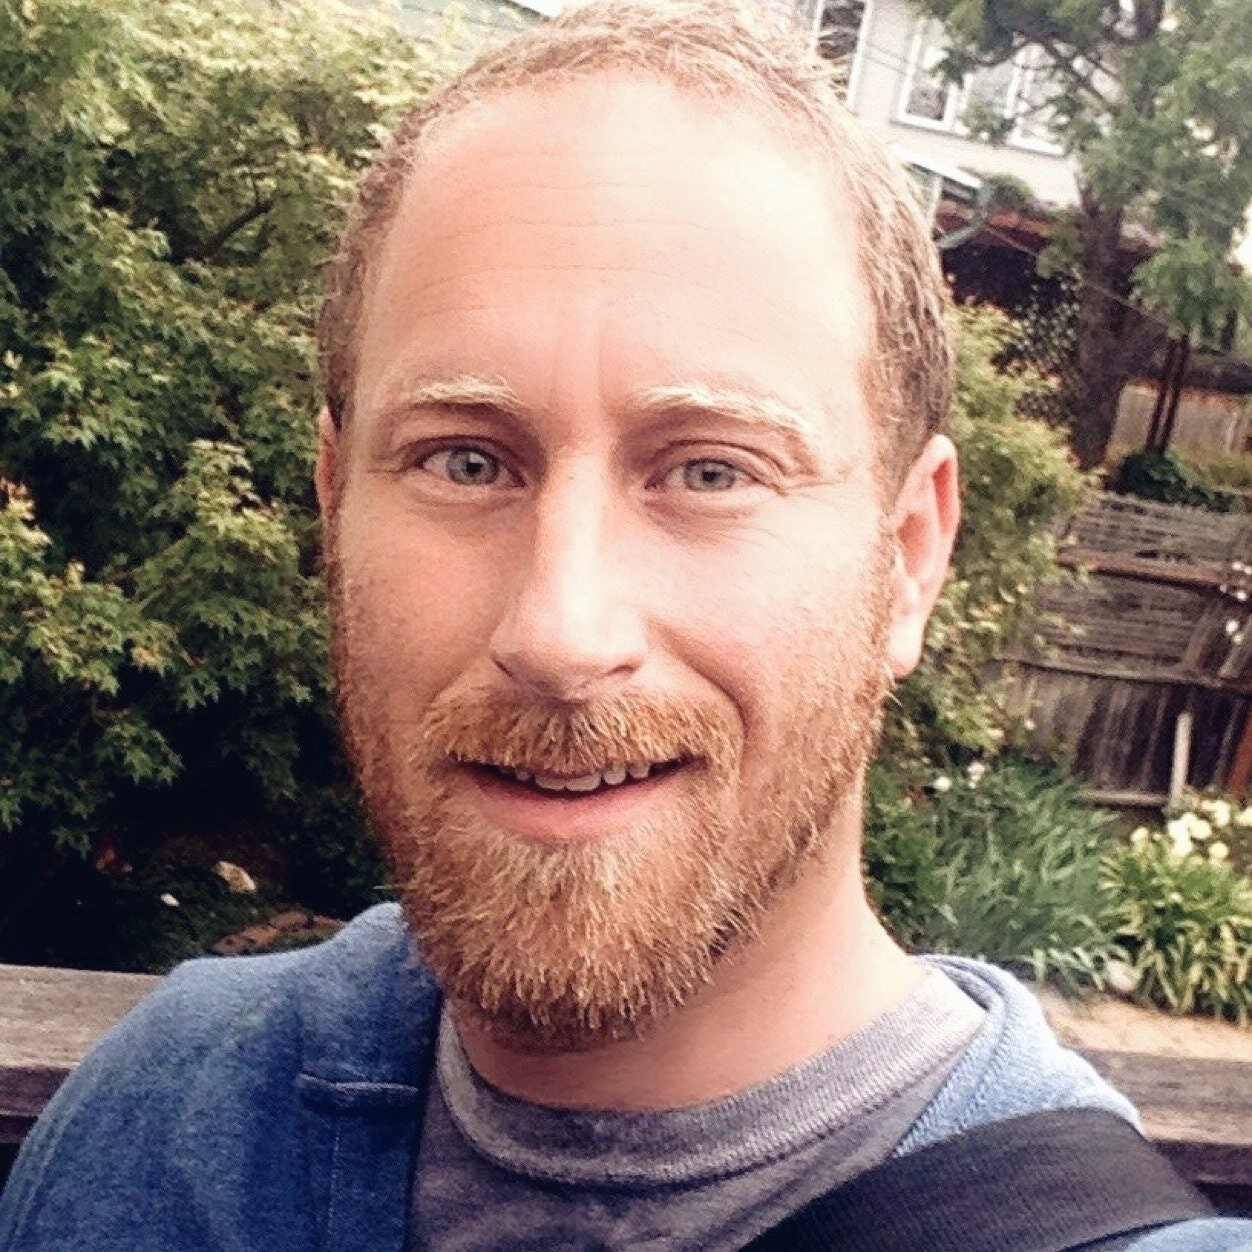 Joe Edelman